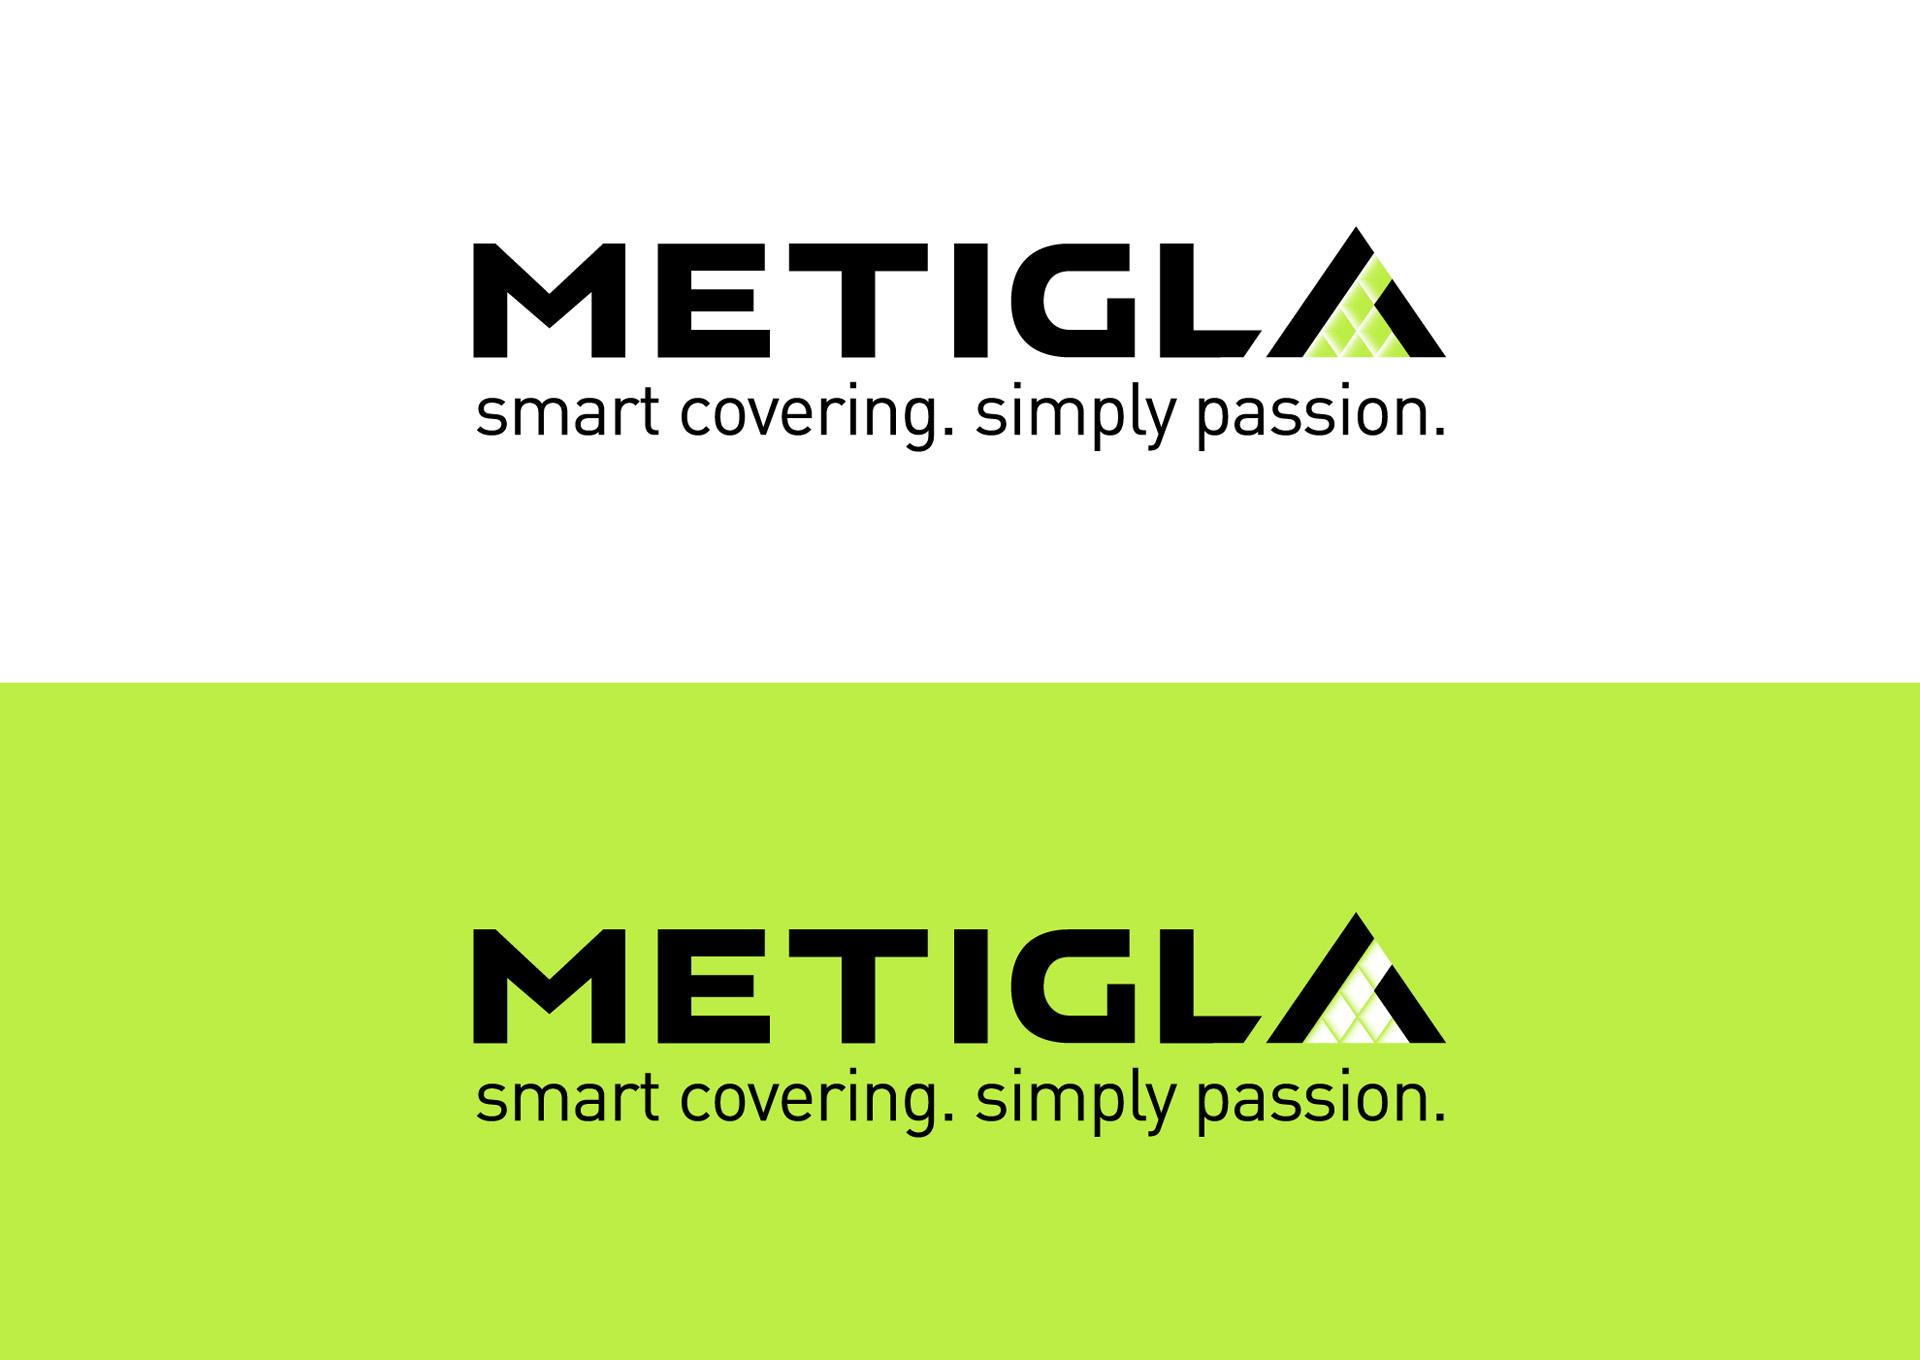 metigla logo